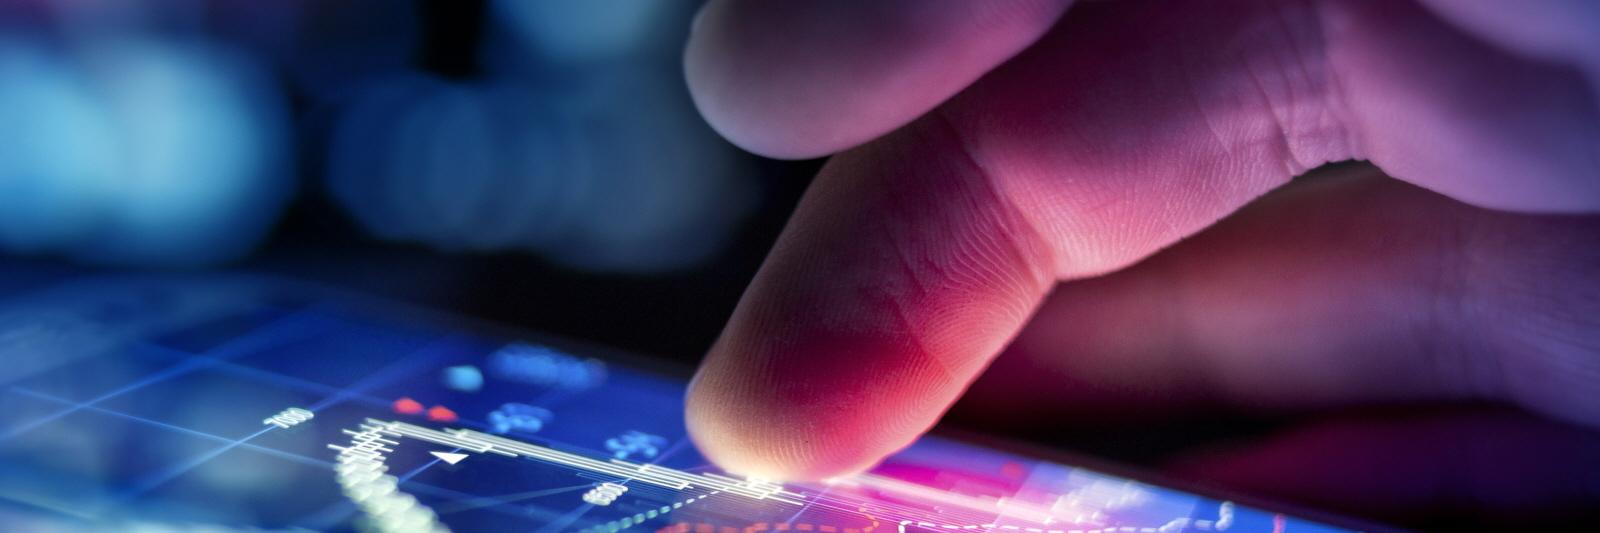 Investor checking data on mobile